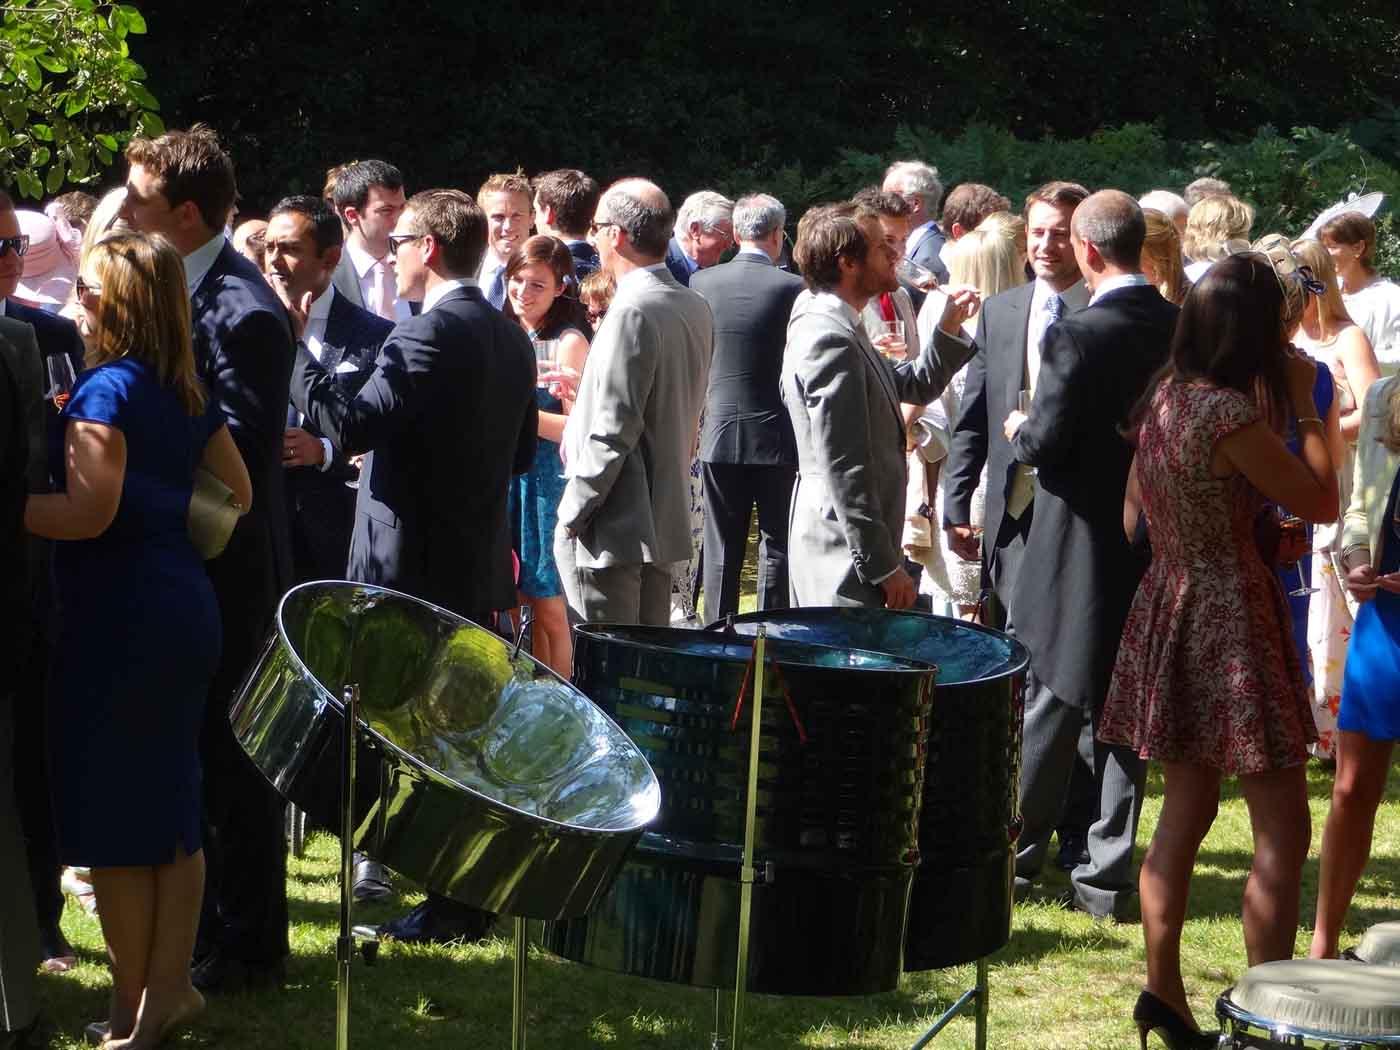 Steel Band for wedding, steel band wedding hire, wedding musicians London, band for the wedding drinks reception, ideas for wedding music London,